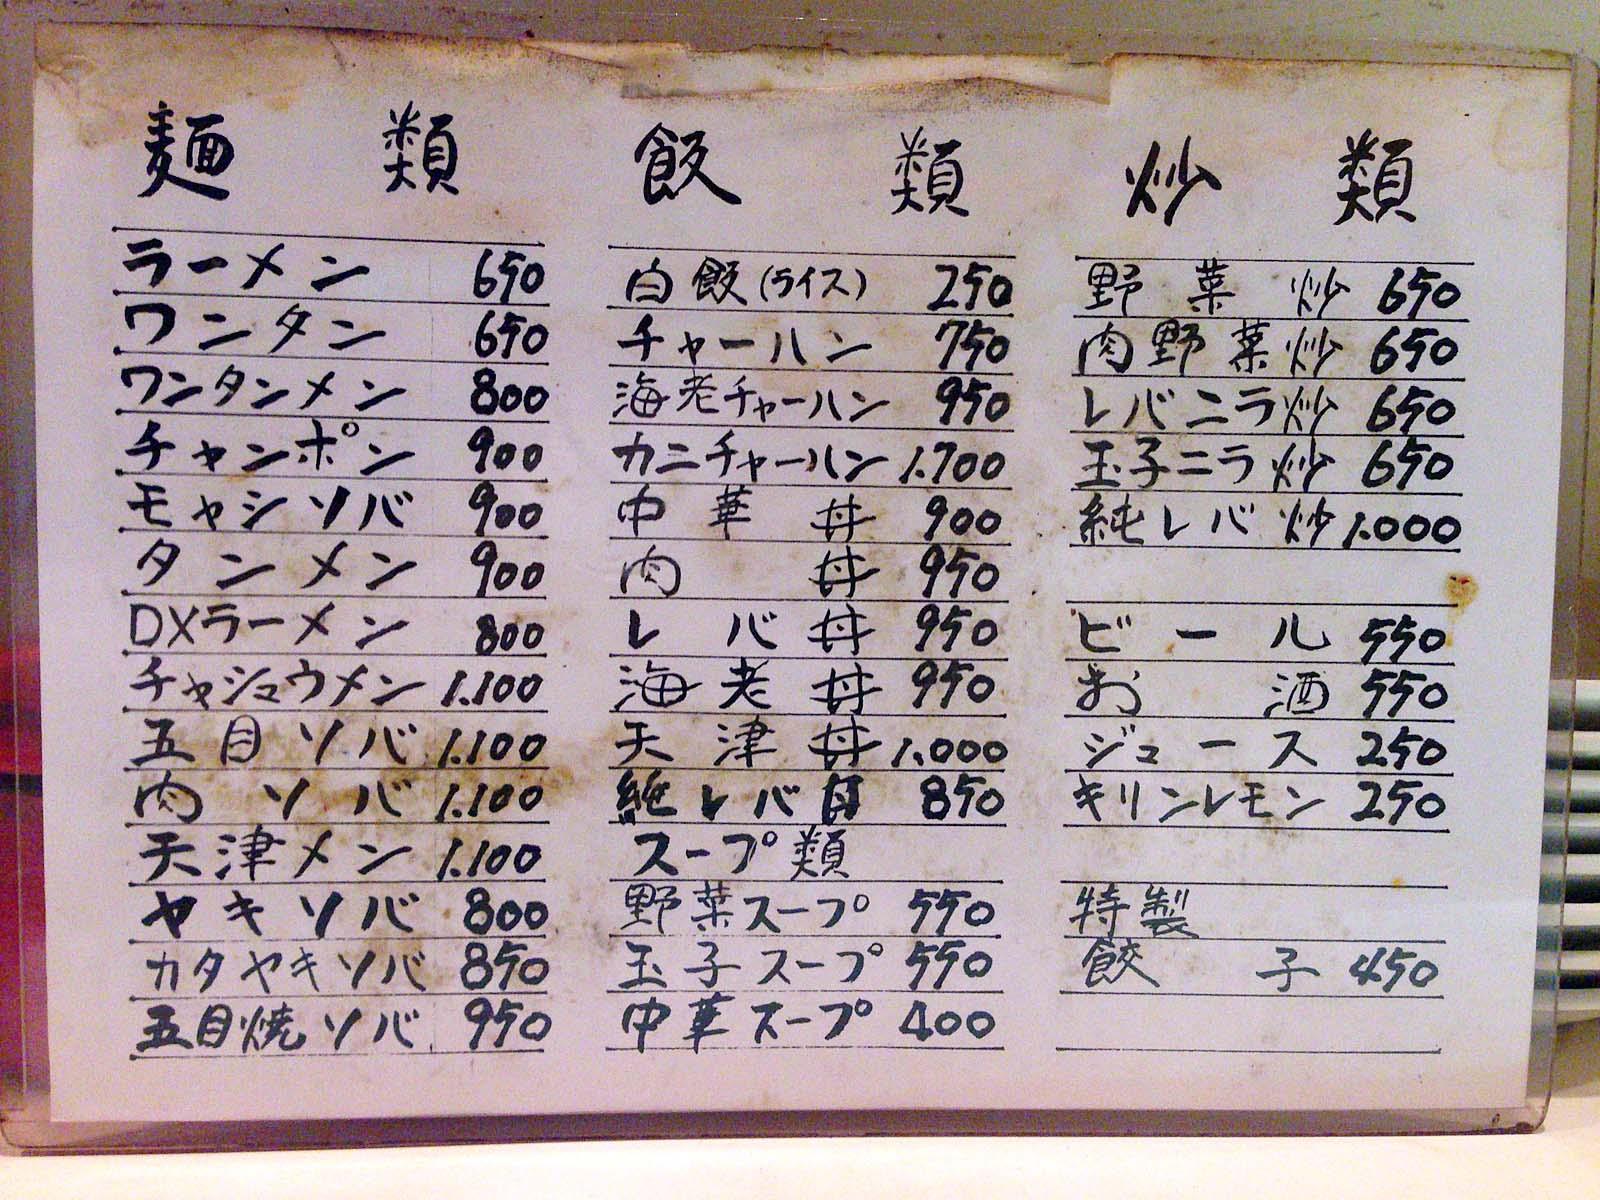 浅草「柳麺 餃子 あづま」のメニュー一覧(表面)